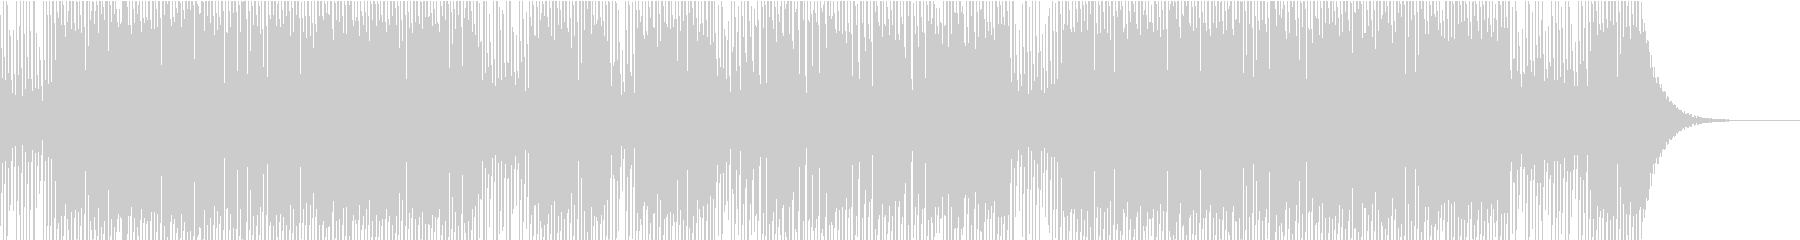 ミニゲームに合いそうなBGMの未再生の波形